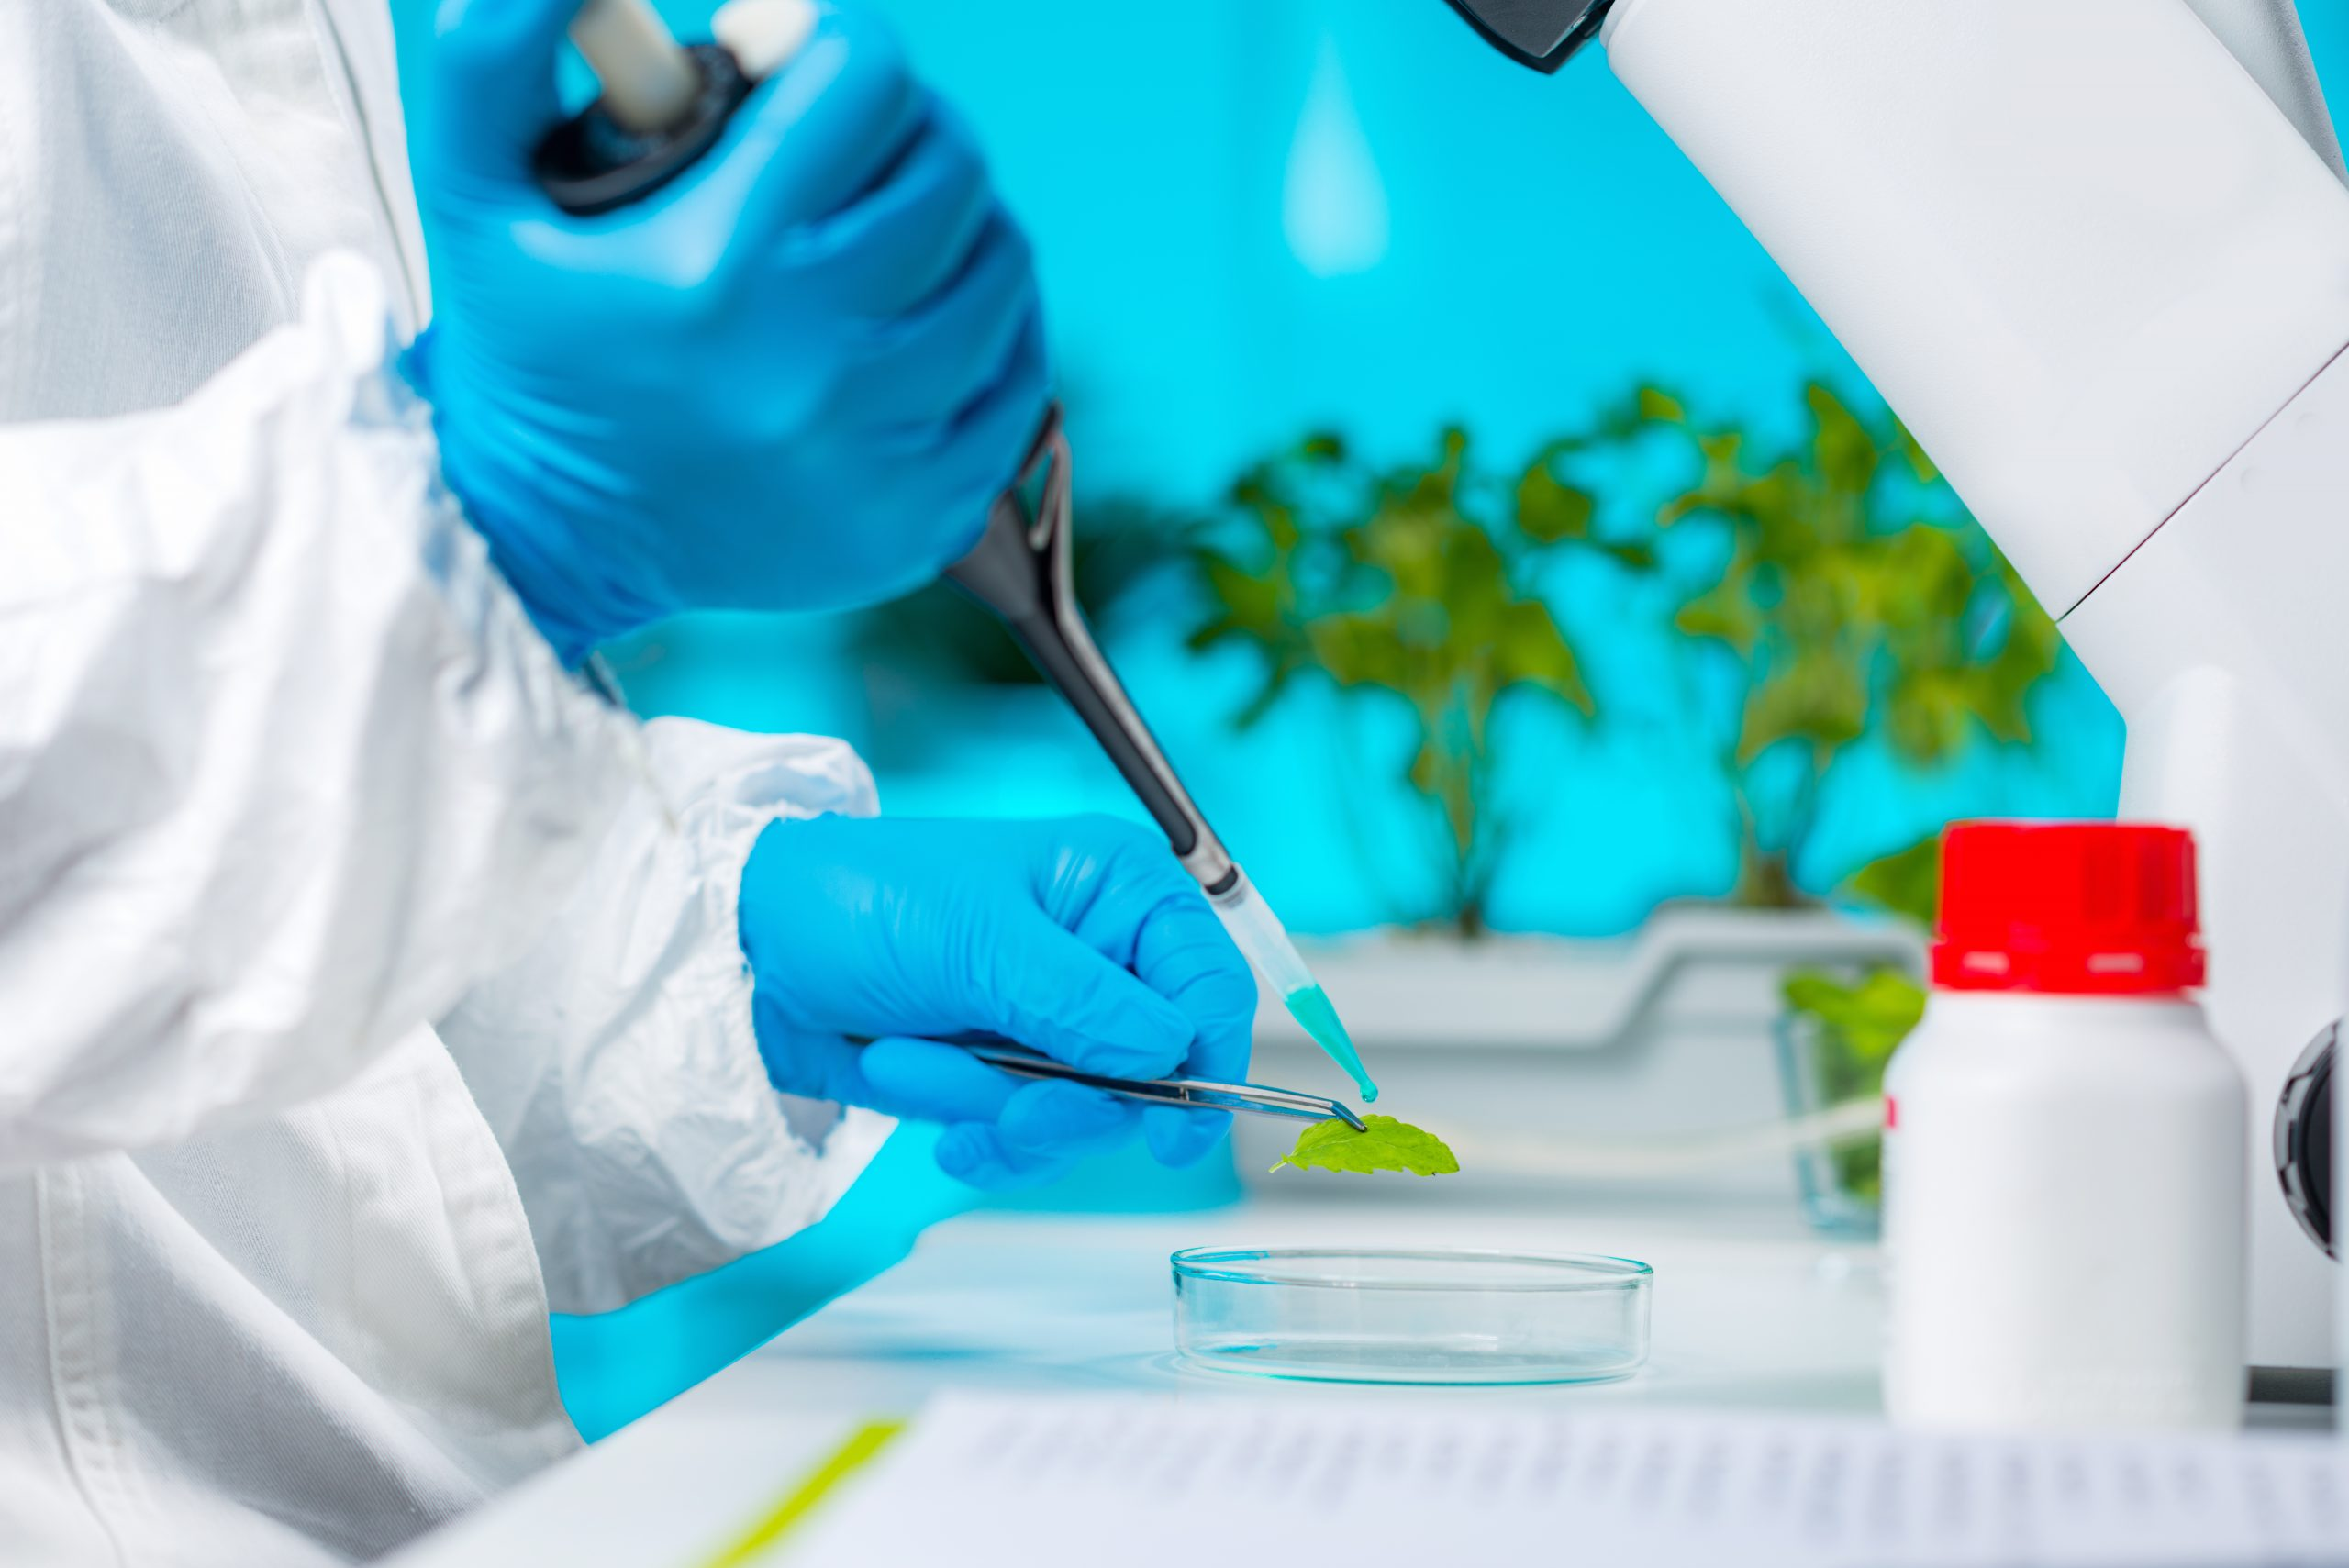 genetica-vegetal-metodos-de-prueba-genetica-y-beneficios-biologos-que-examinan-muestras-genetica-vegetal